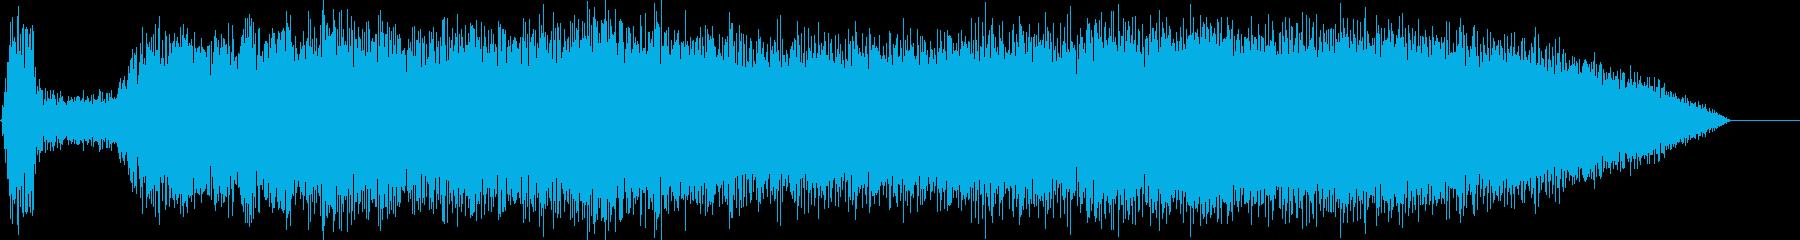 パワーアップ;大きな風洞をクリック...の再生済みの波形